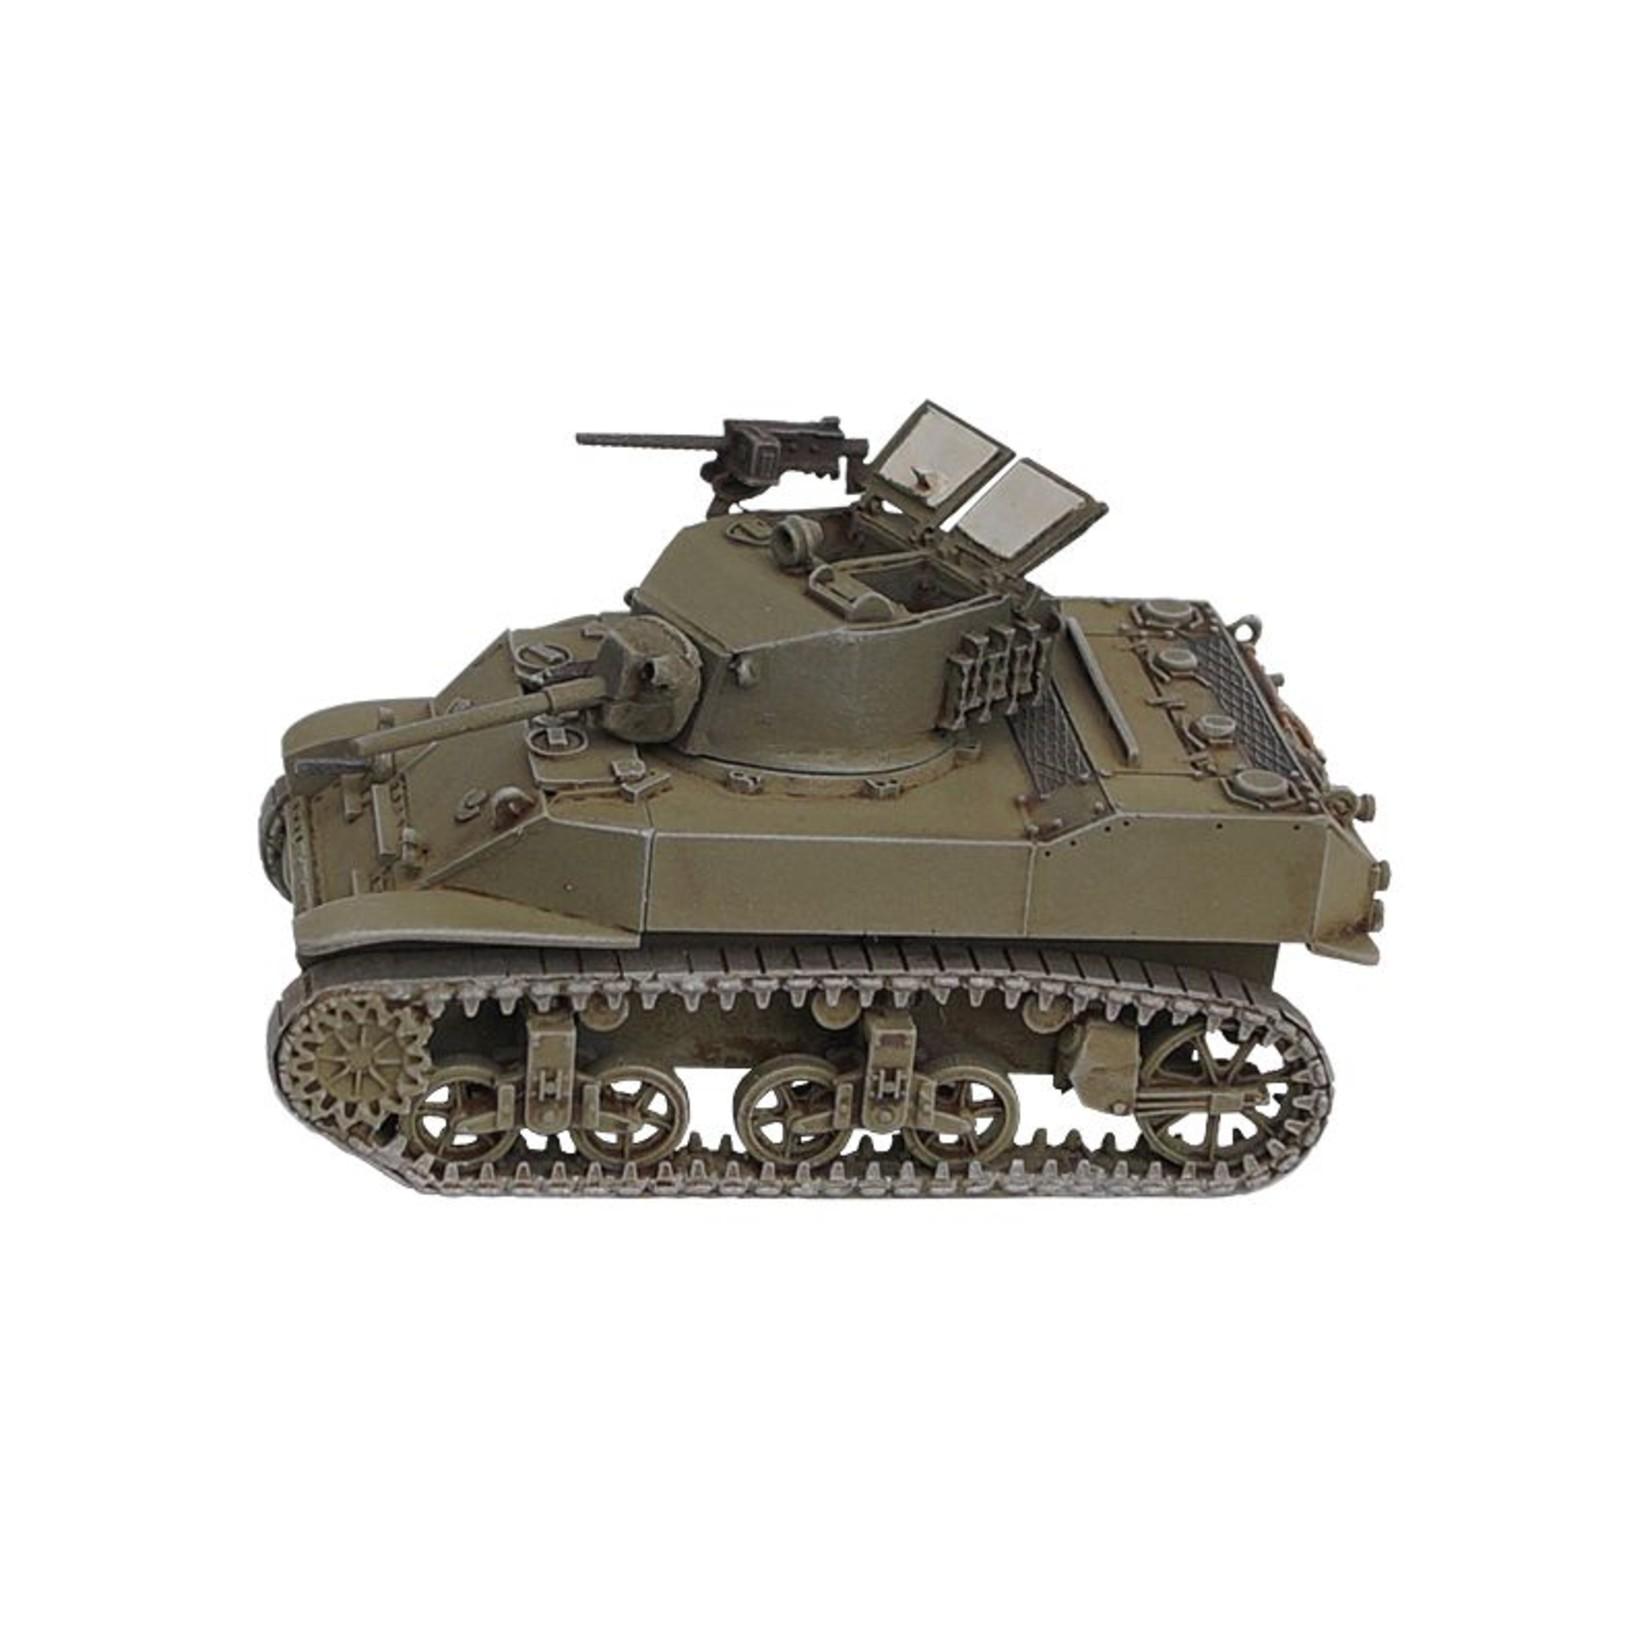 M5A1 Stuart light tank